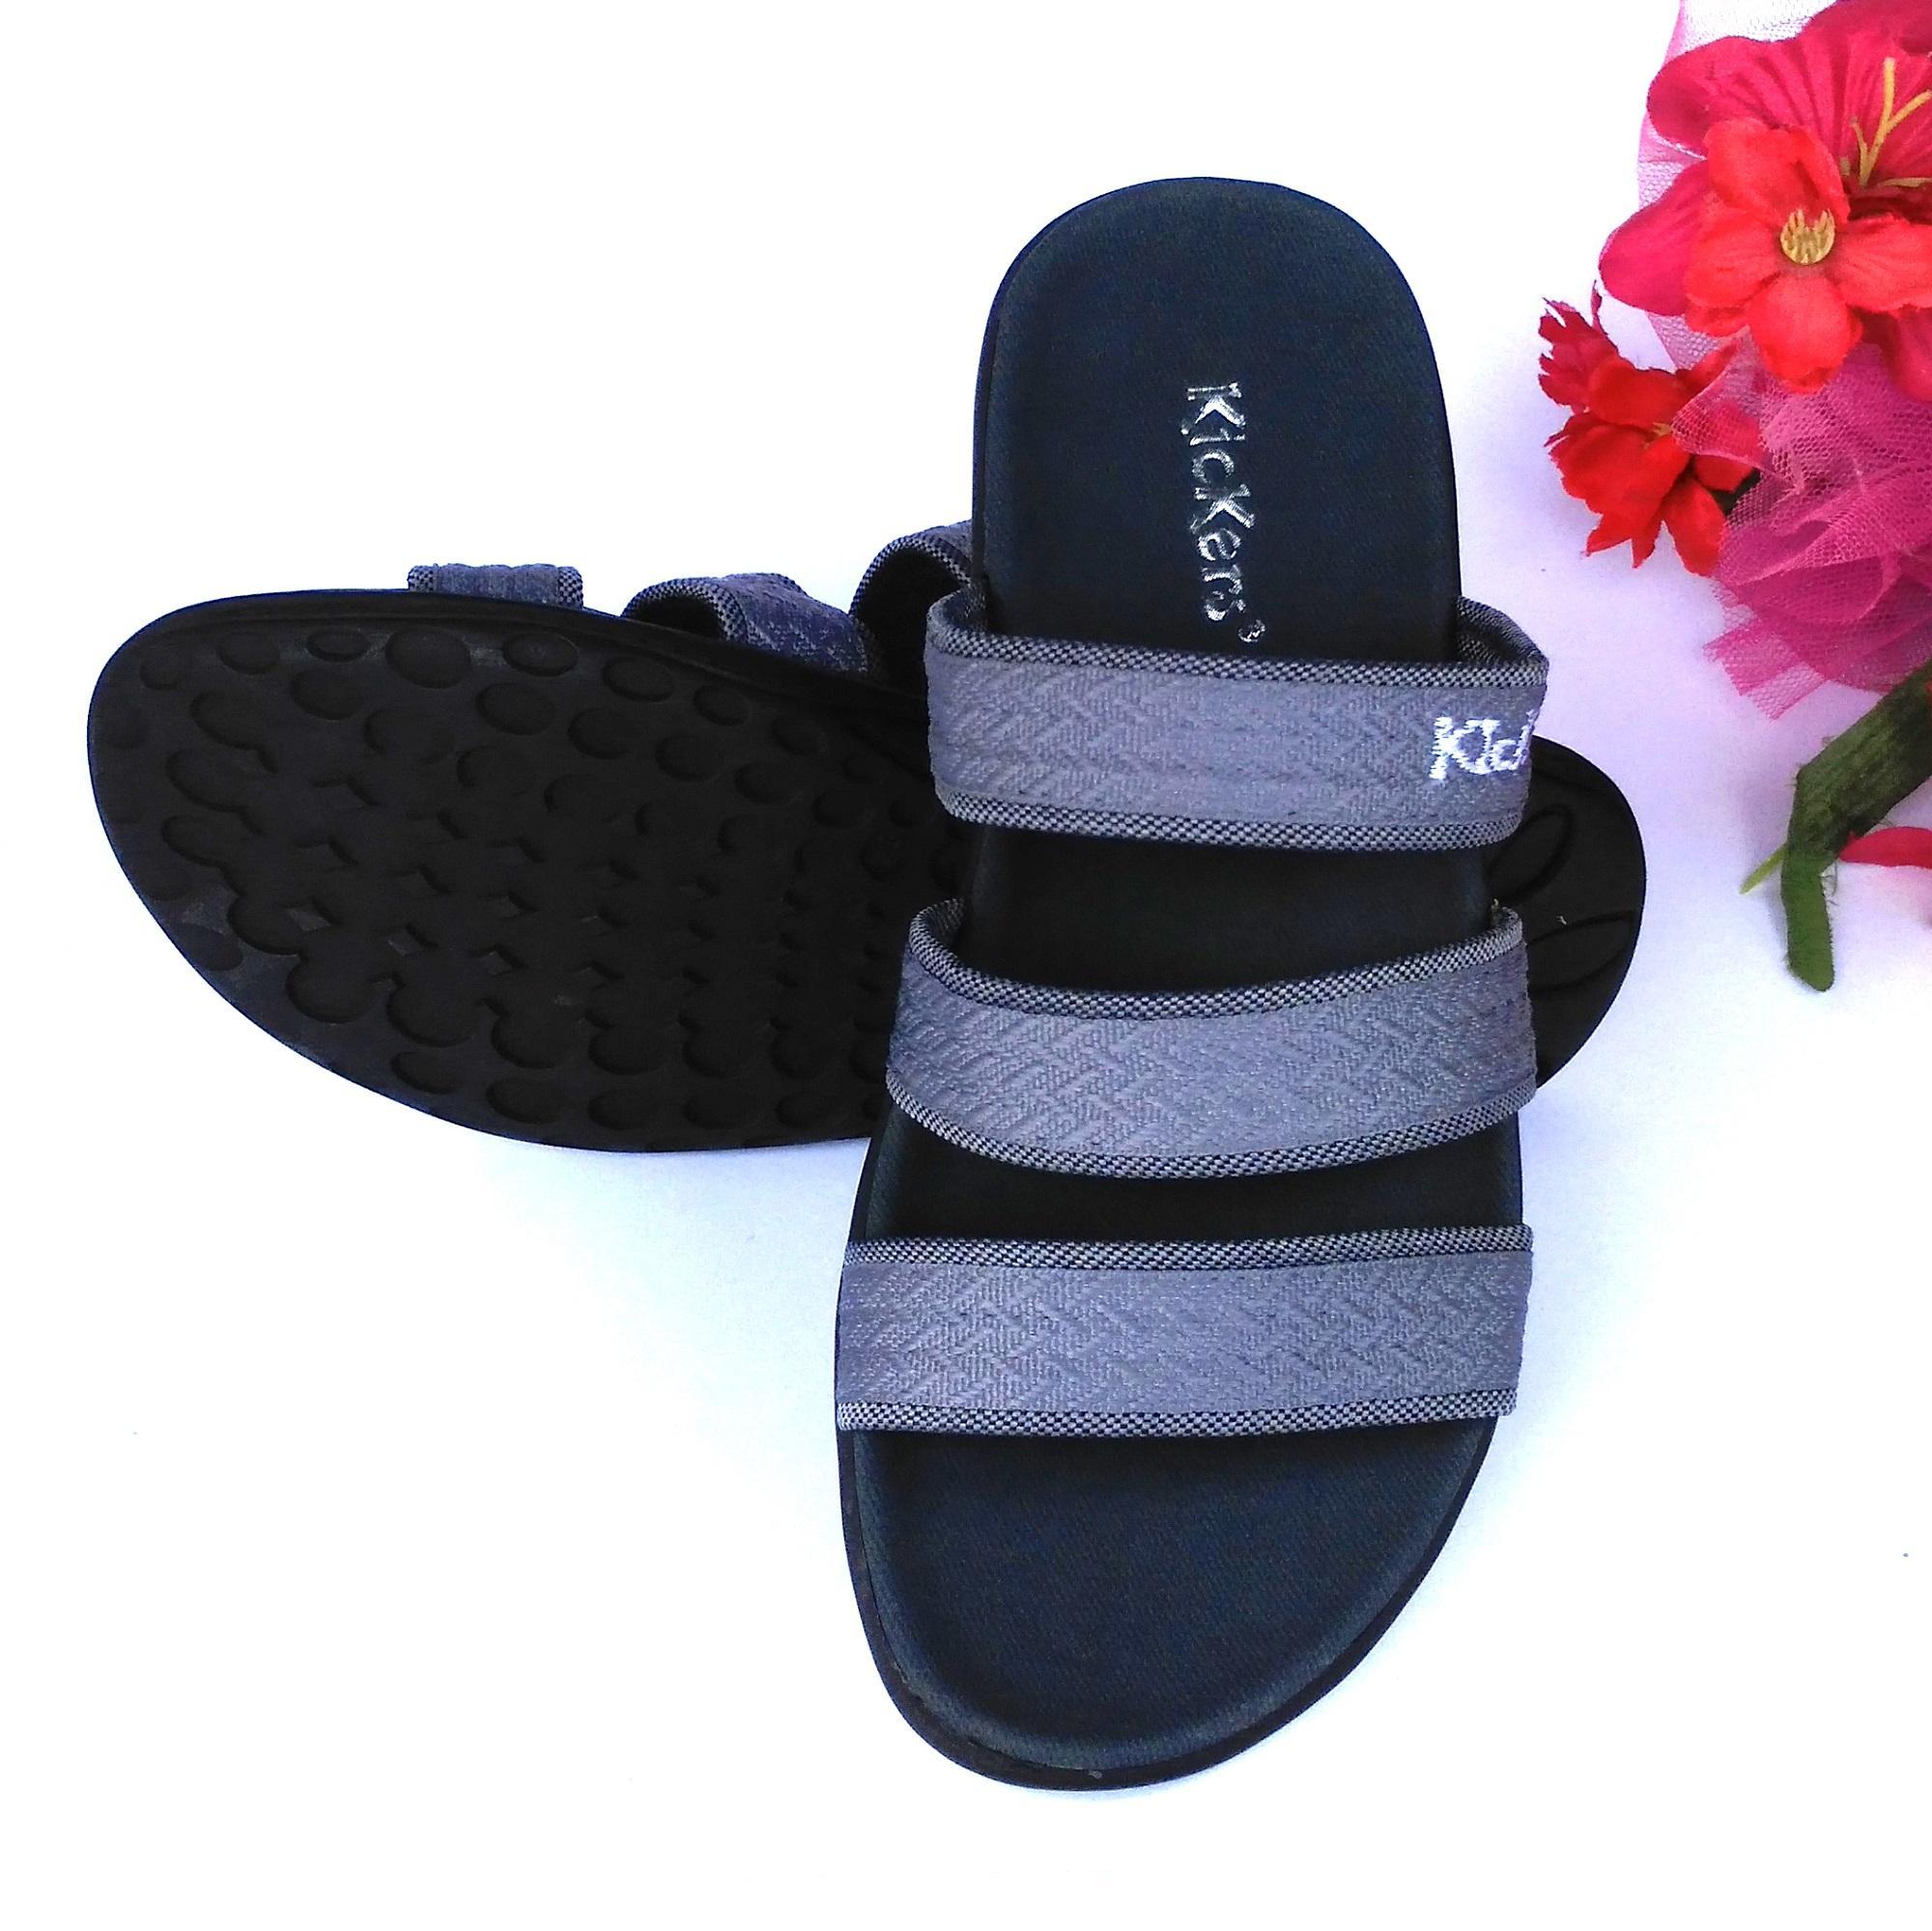 Fashion Hqo Daftar Harga September 2018 Kny02 Sepatu Flat Shoes M Sandal Pria Terbaru Gunung Murah